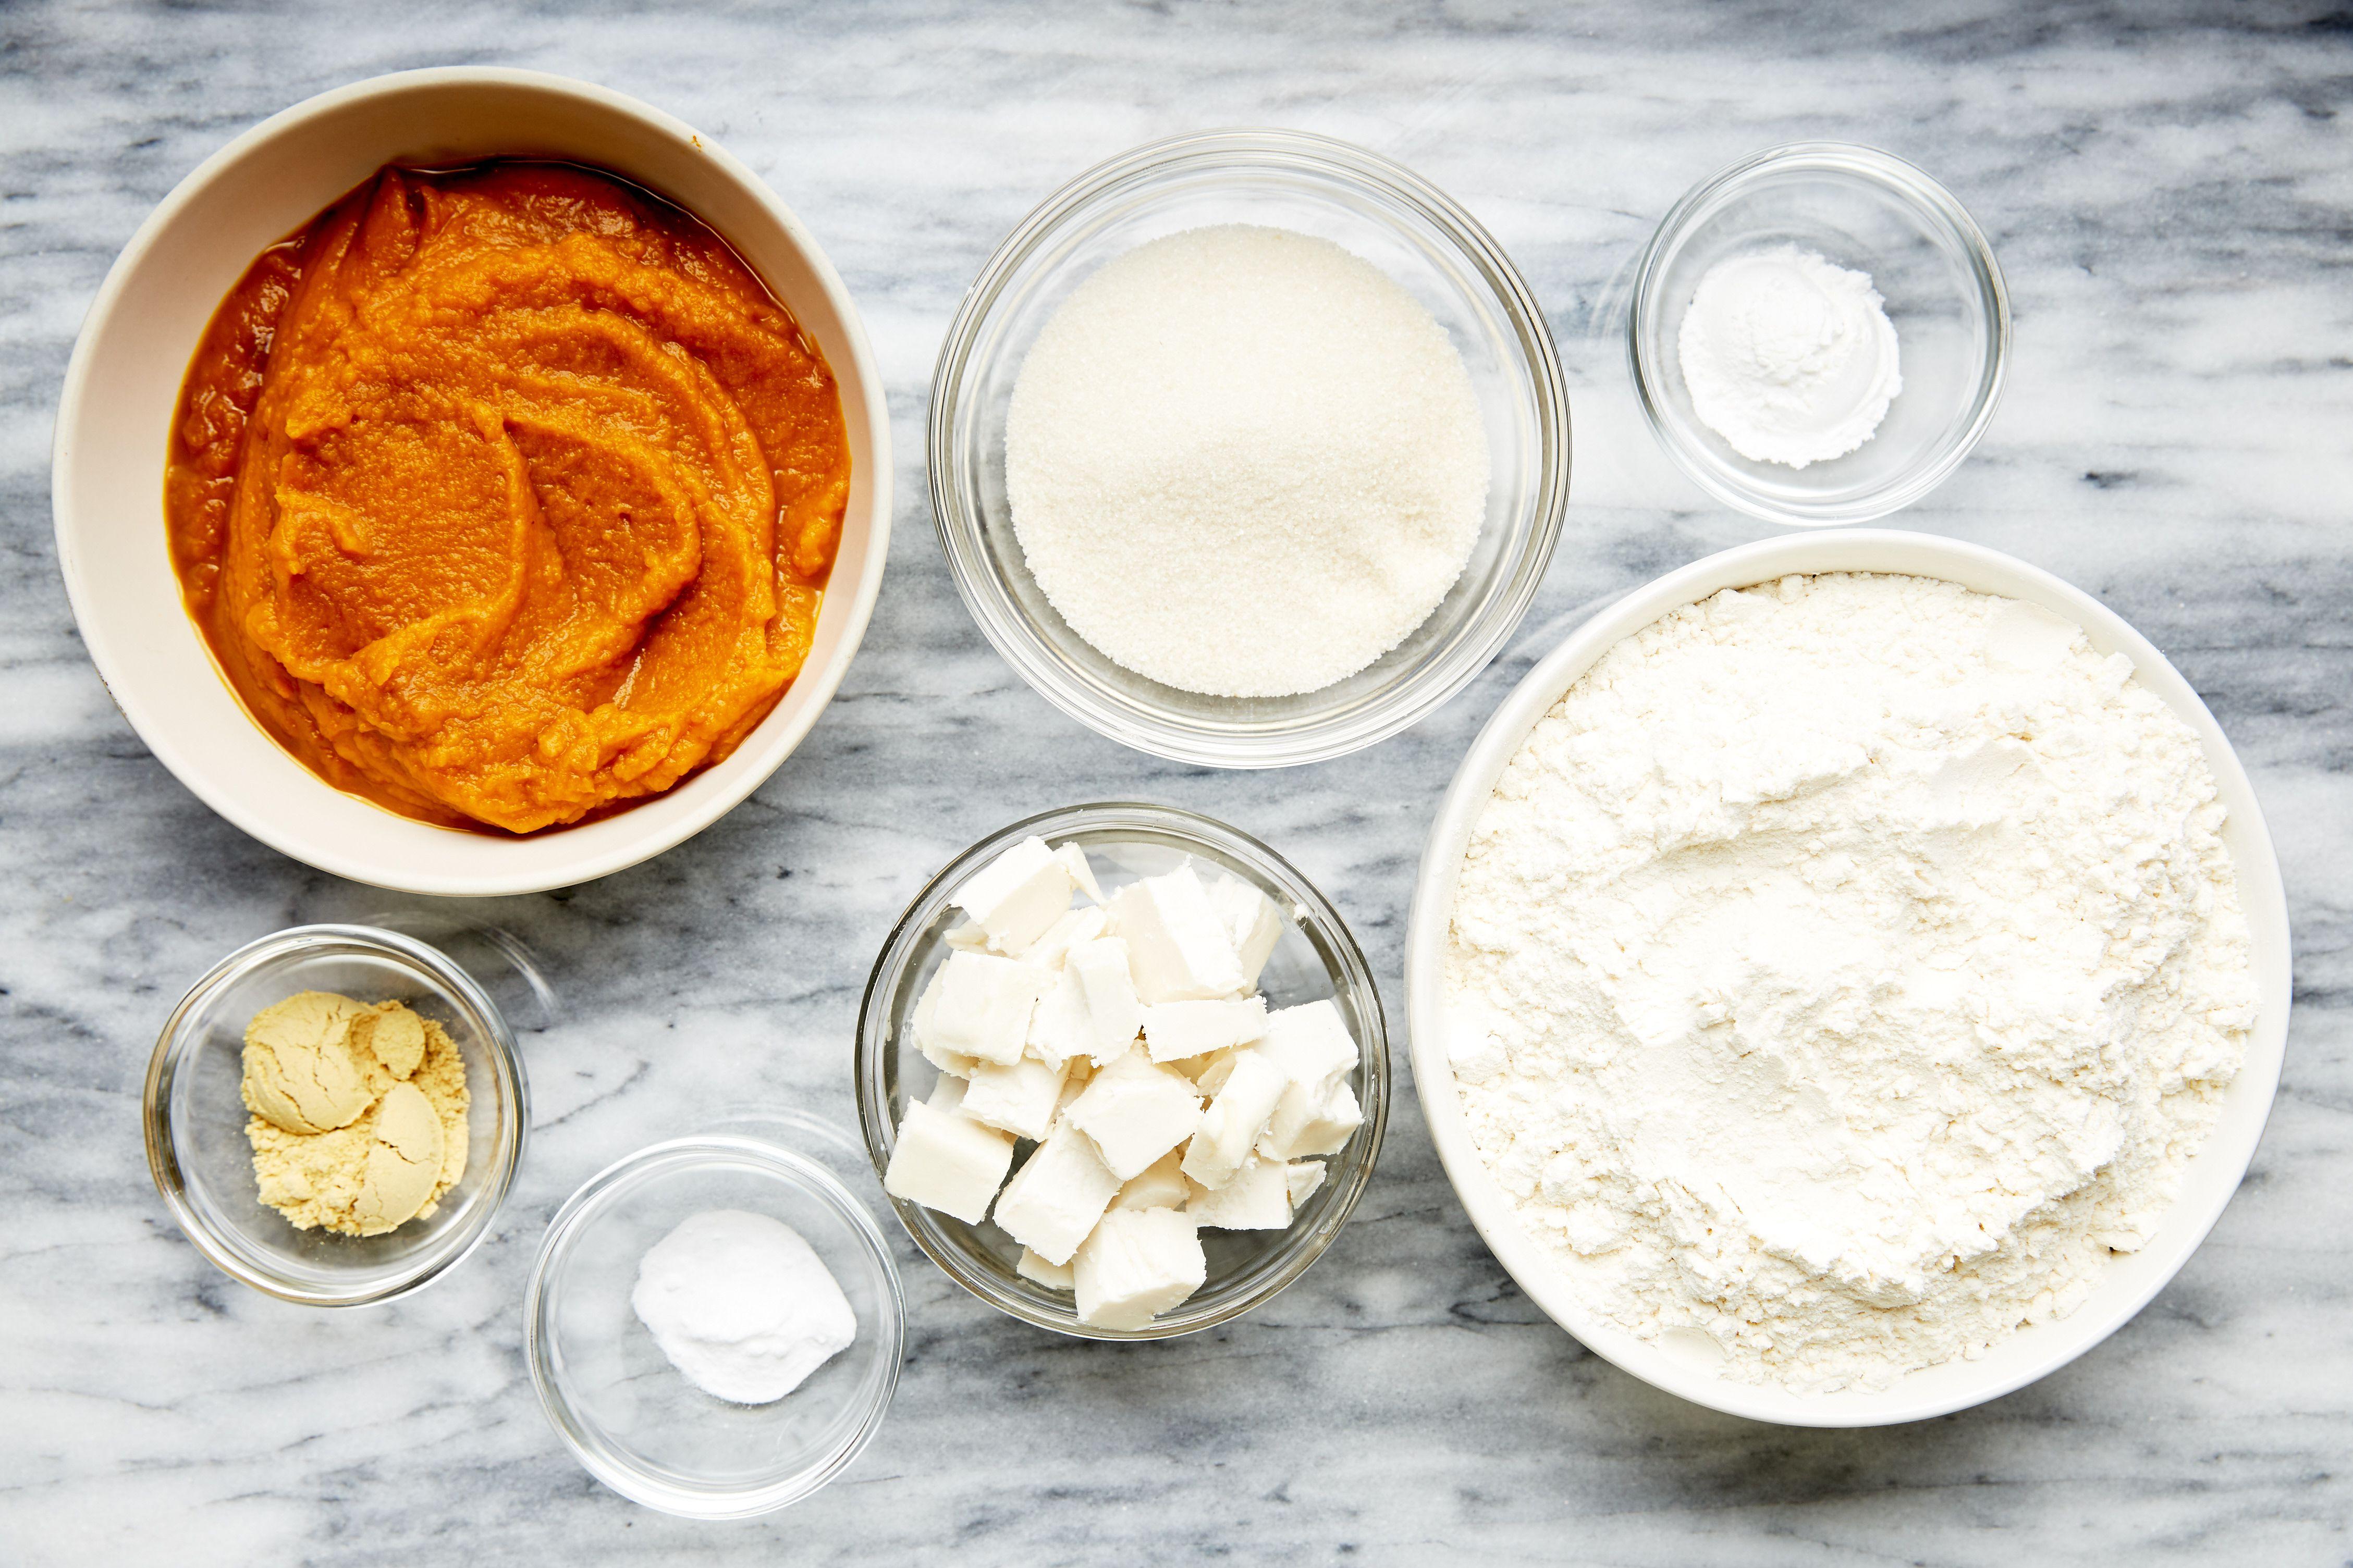 Ingredients for vegan pumpkin scones